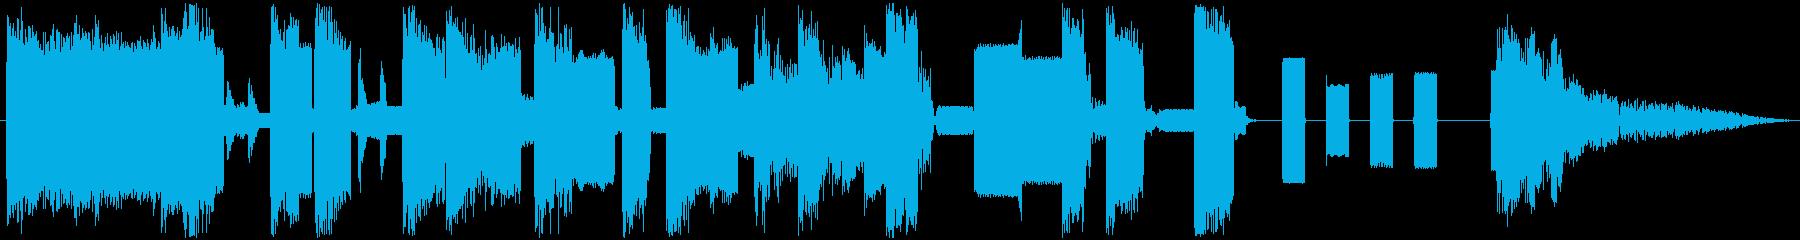 ピコピコ音のかわいい動画向きジングルの再生済みの波形